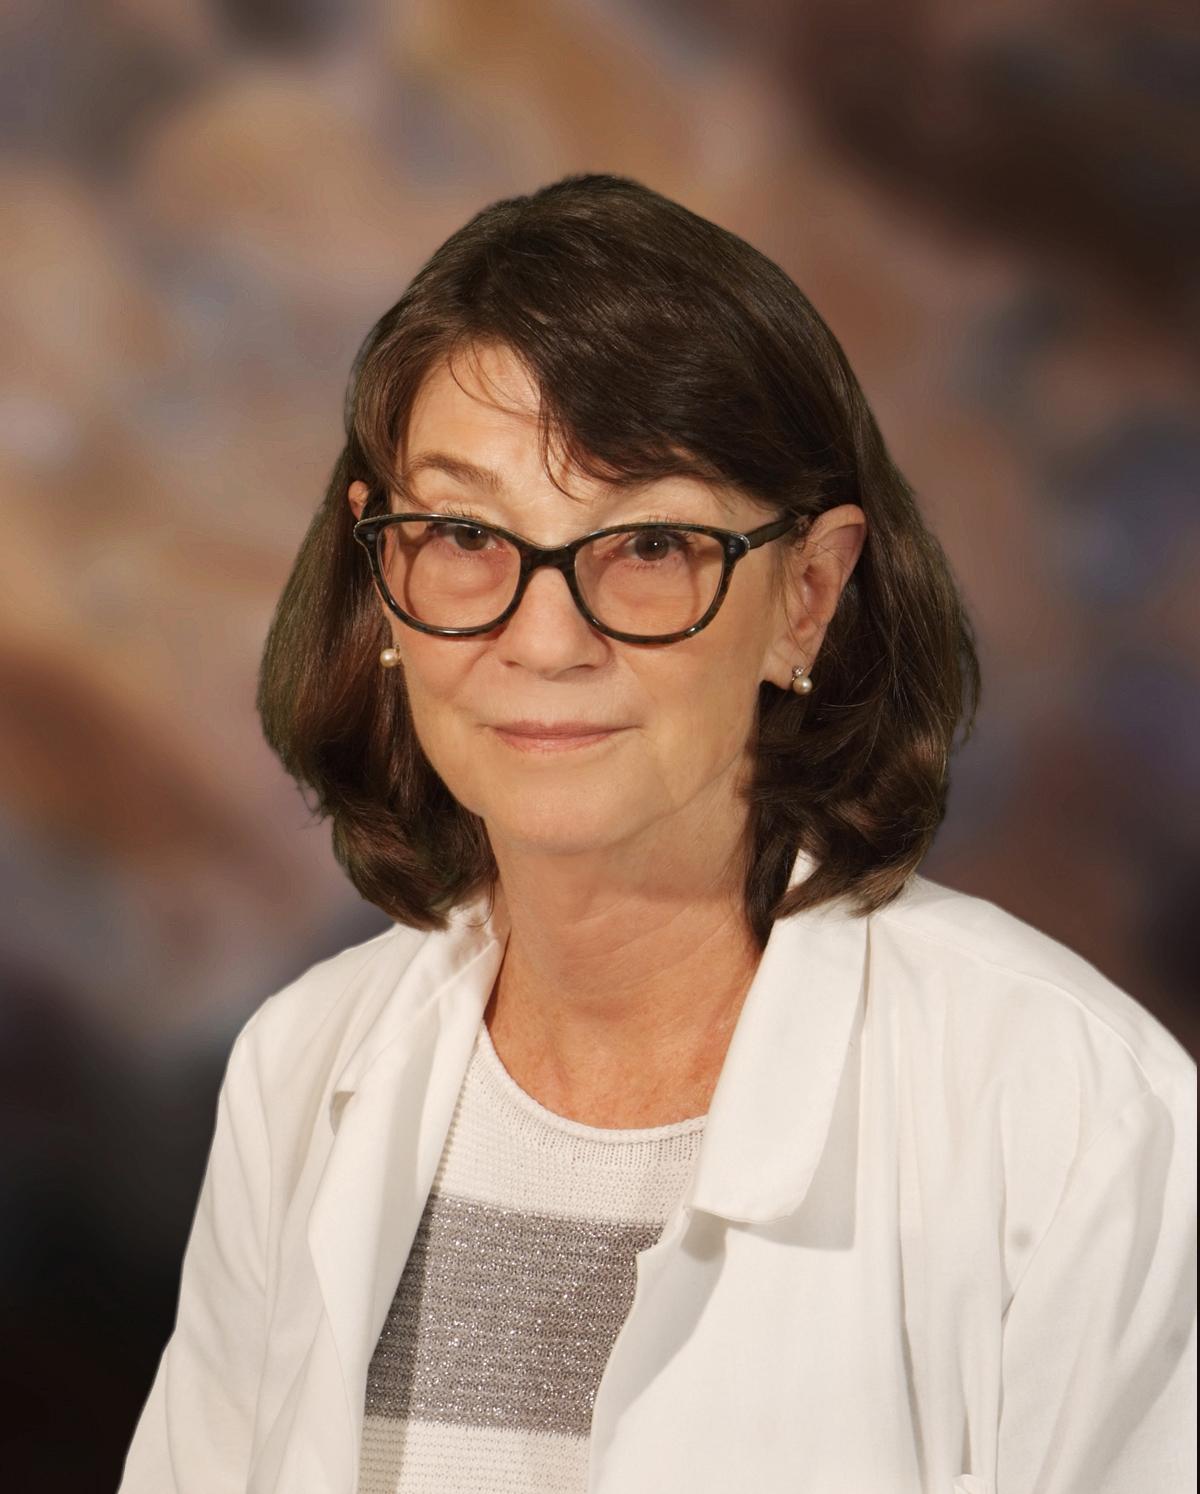 Lisa Lyon RN, PA-C